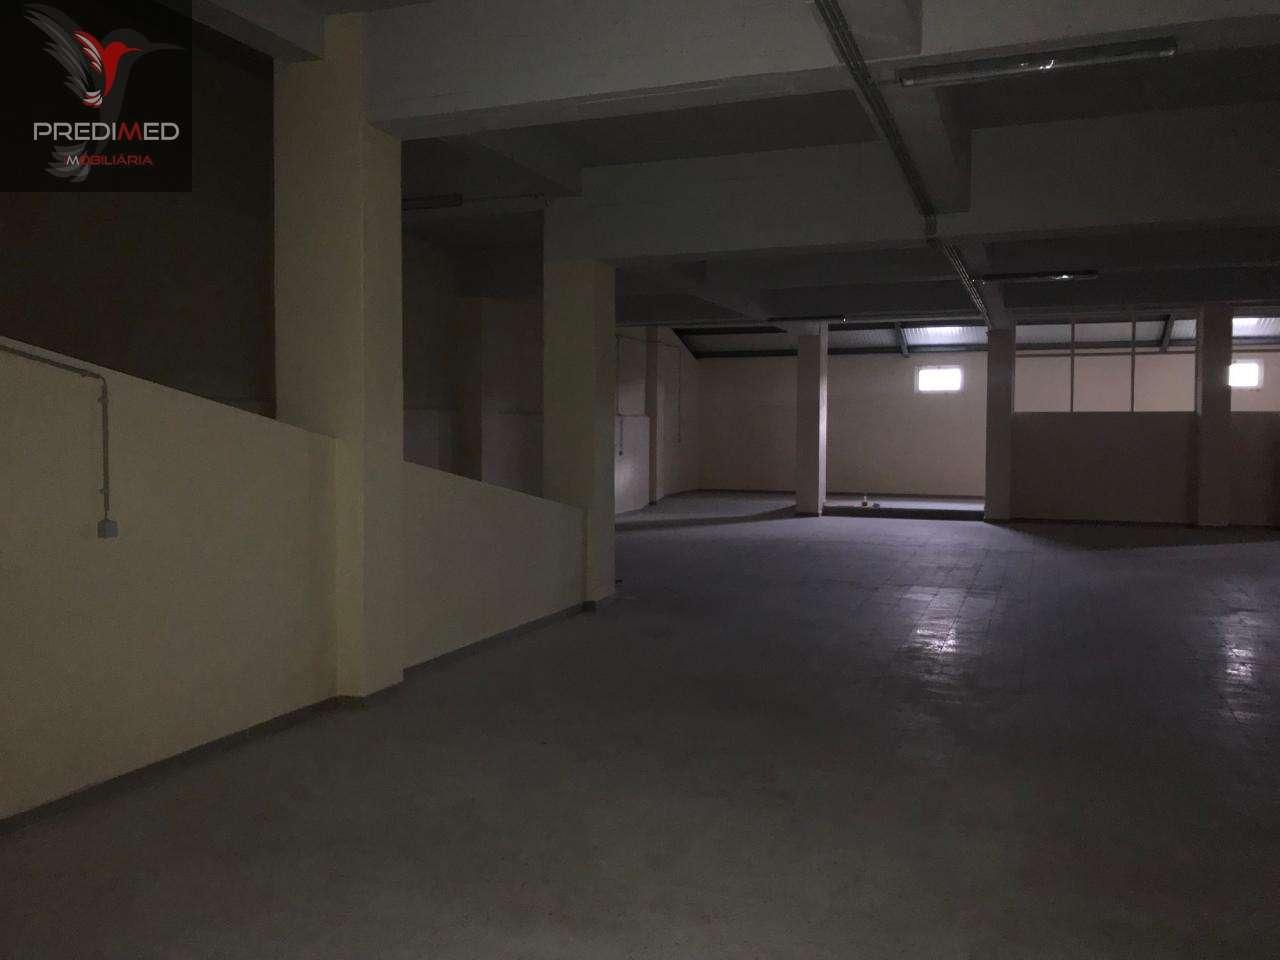 Armazém para arrendar, Rua Alto de São Lourenço - Bairro Alto de São Lourenço, Santa Iria de Azoia, São João da Talha e Bobadela - Foto 9